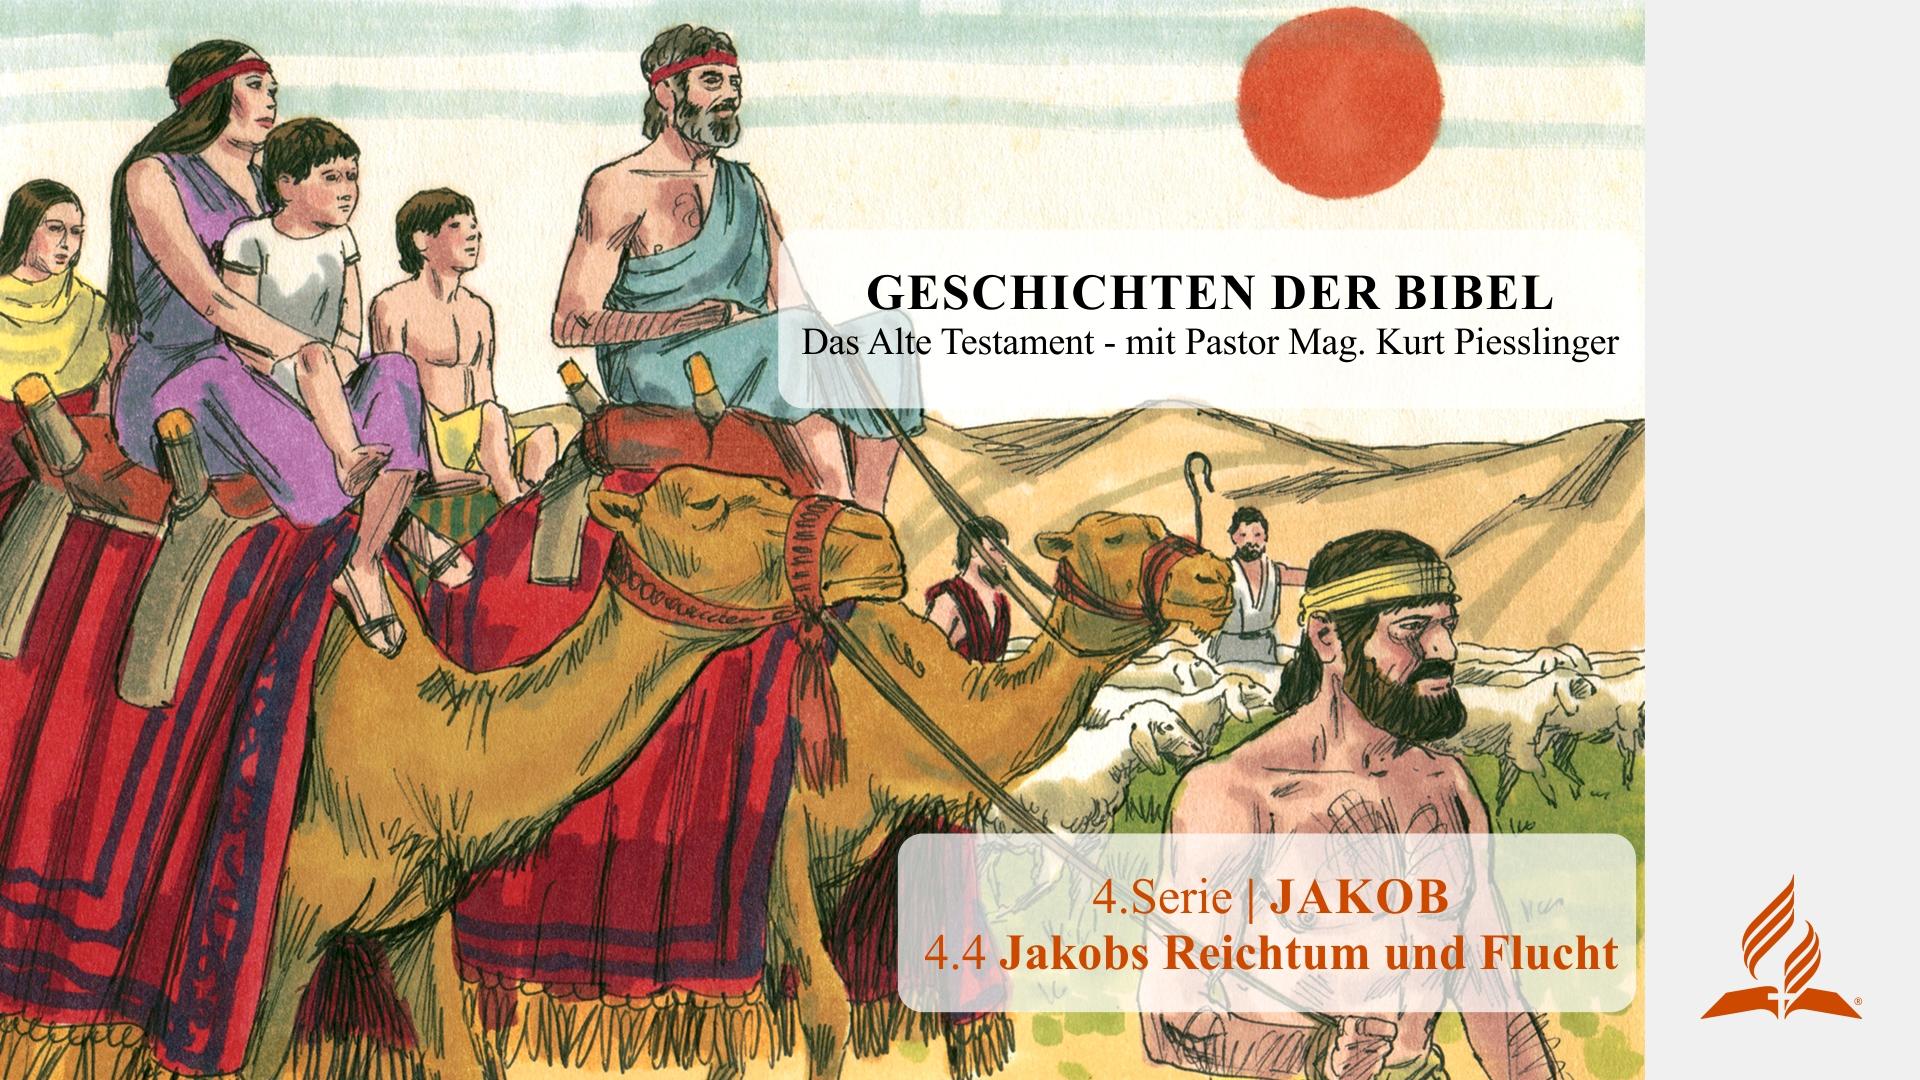 4.4 Jakobs Reichtum und Flucht x